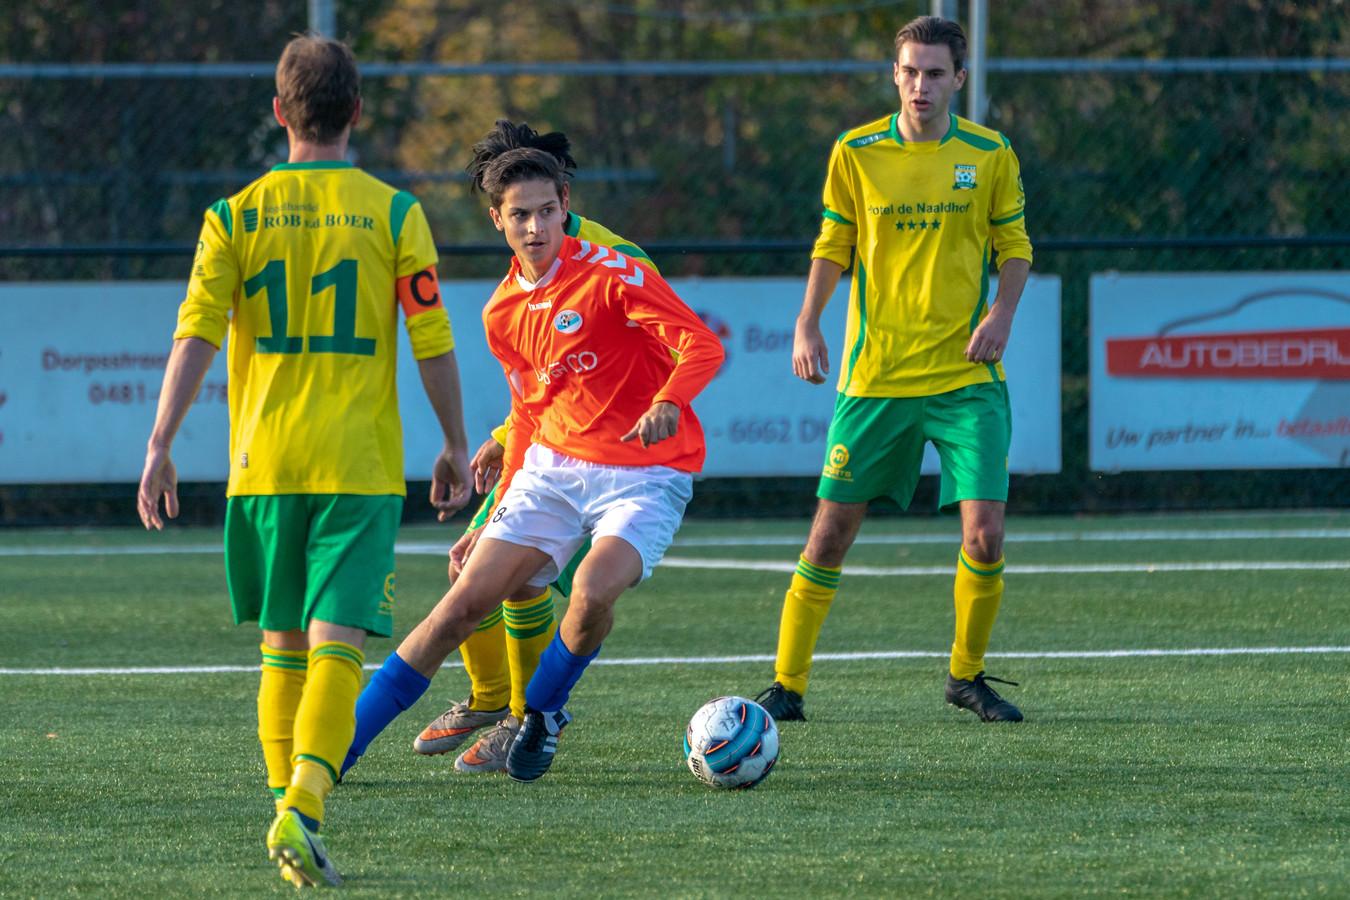 Ryan van Haaren, hier aan de bal tegen Cito, scoorde de winnende treffer voor Elistha tegen SC Valburg (2-1).